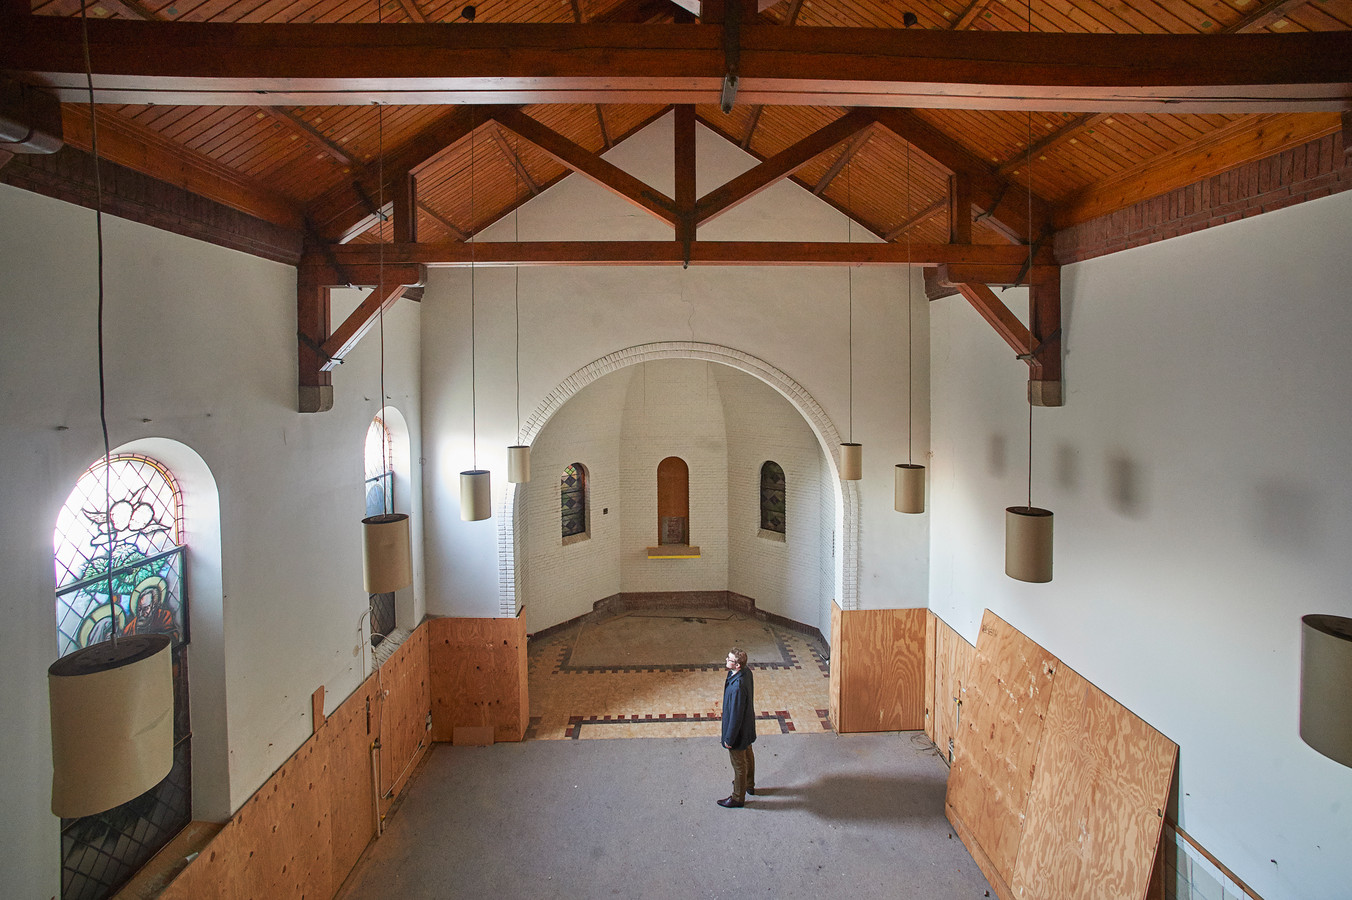 Ook de voormalige kapel in het klooster wordt verbouwd tot woning.